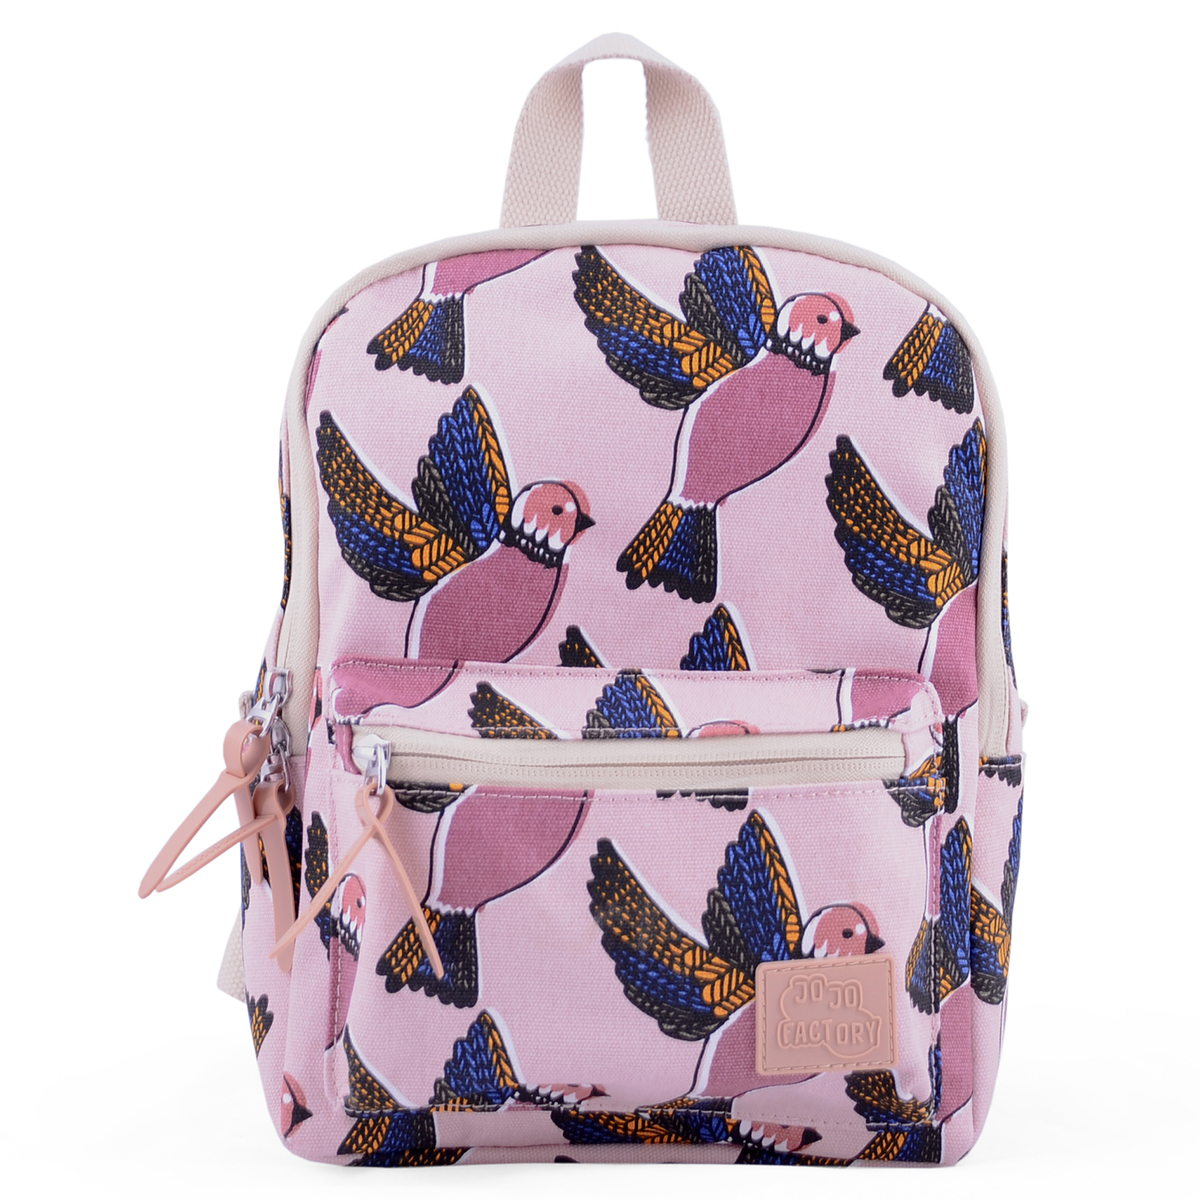 Bagagerie enfant Sac à Dos Bébé - Pink Birds Sac à Dos Bébé - Pink Birds